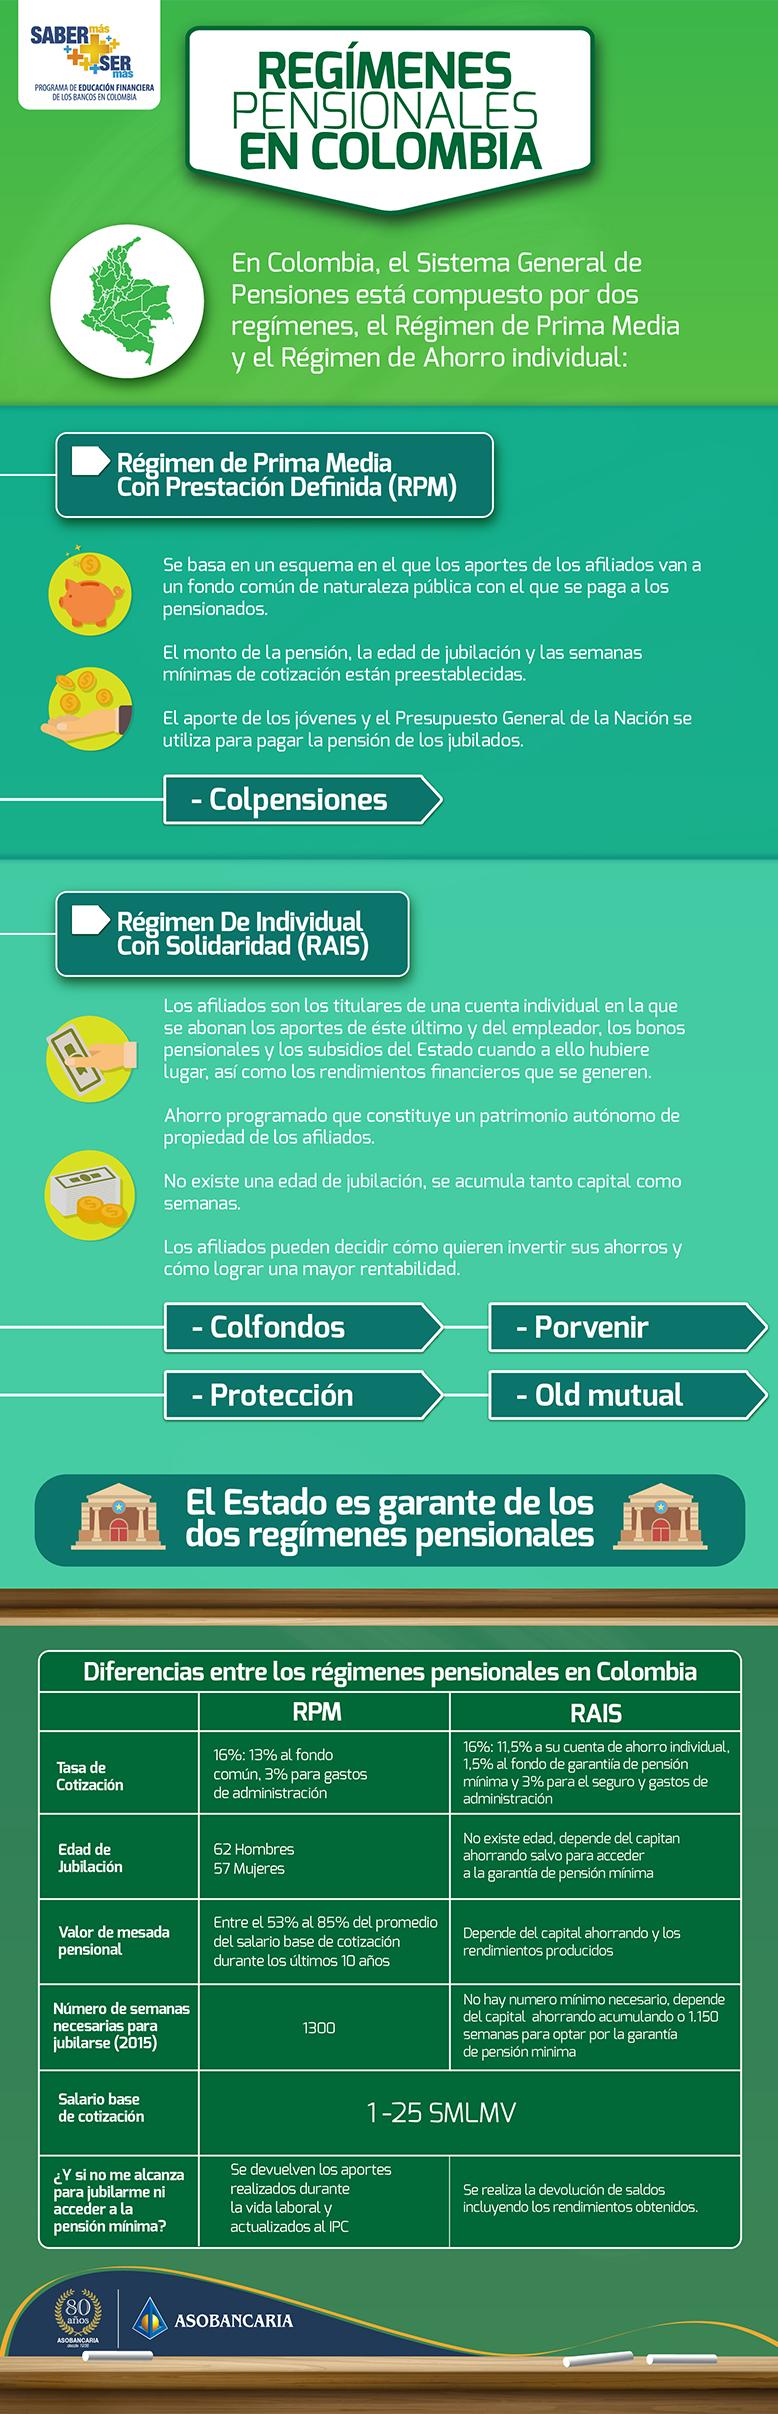 Regímenes.pensionales-Colombia